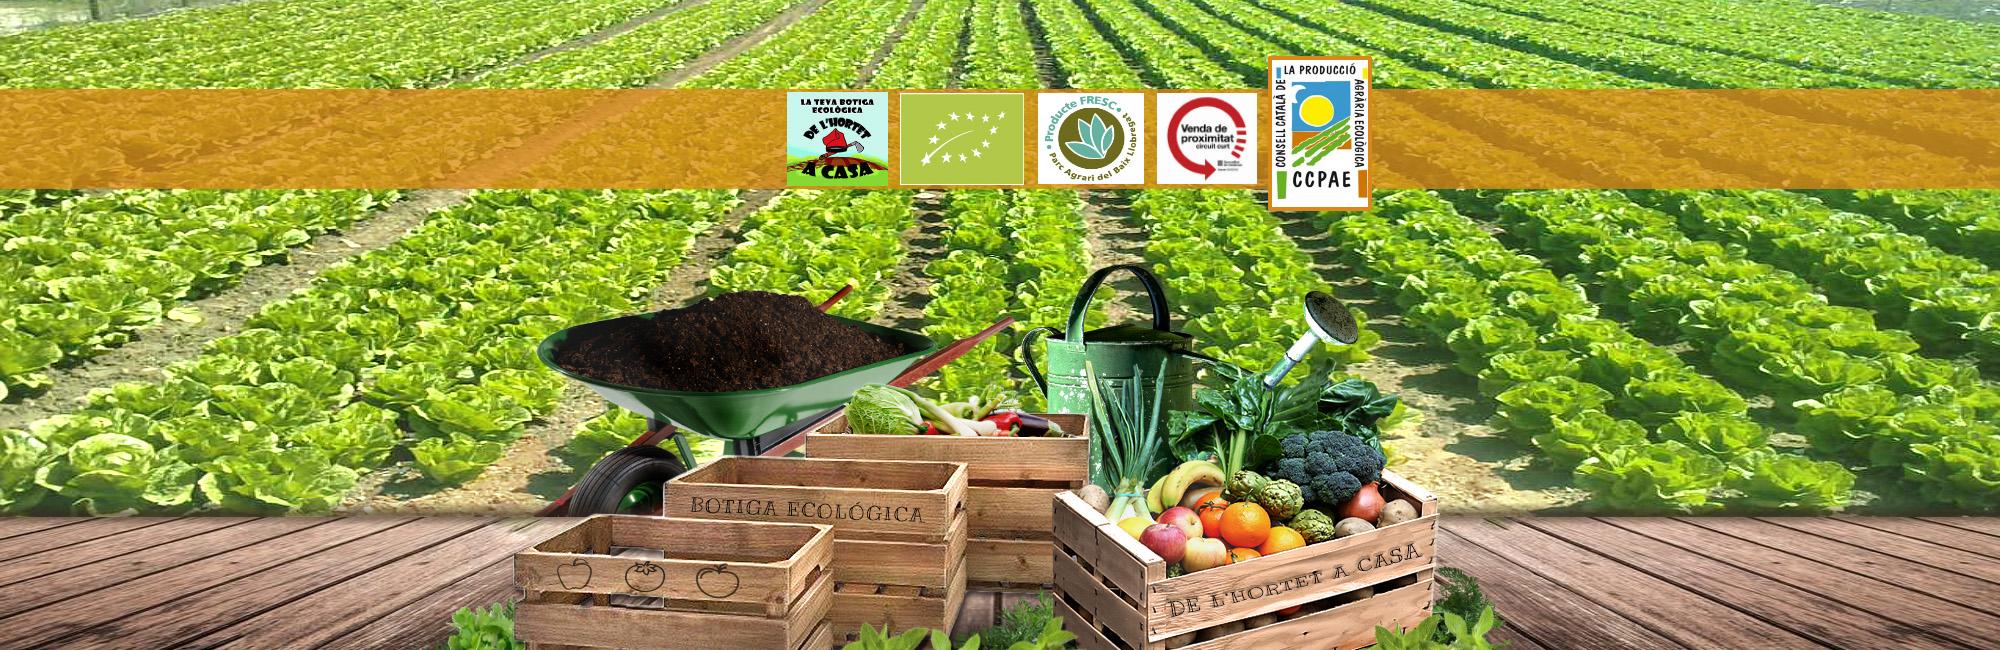 frutas ecologicas cornella, verduras ecologicas baix llobregat